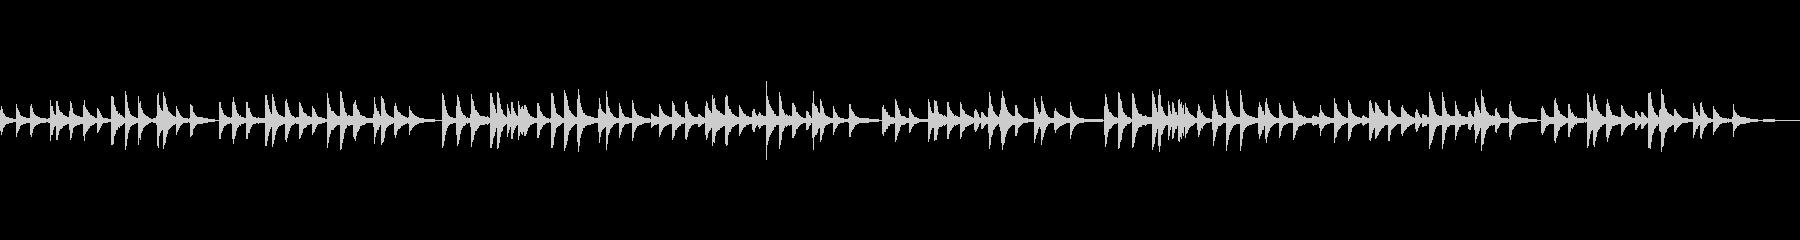 穏やかなクラシック、ピアノソロの未再生の波形